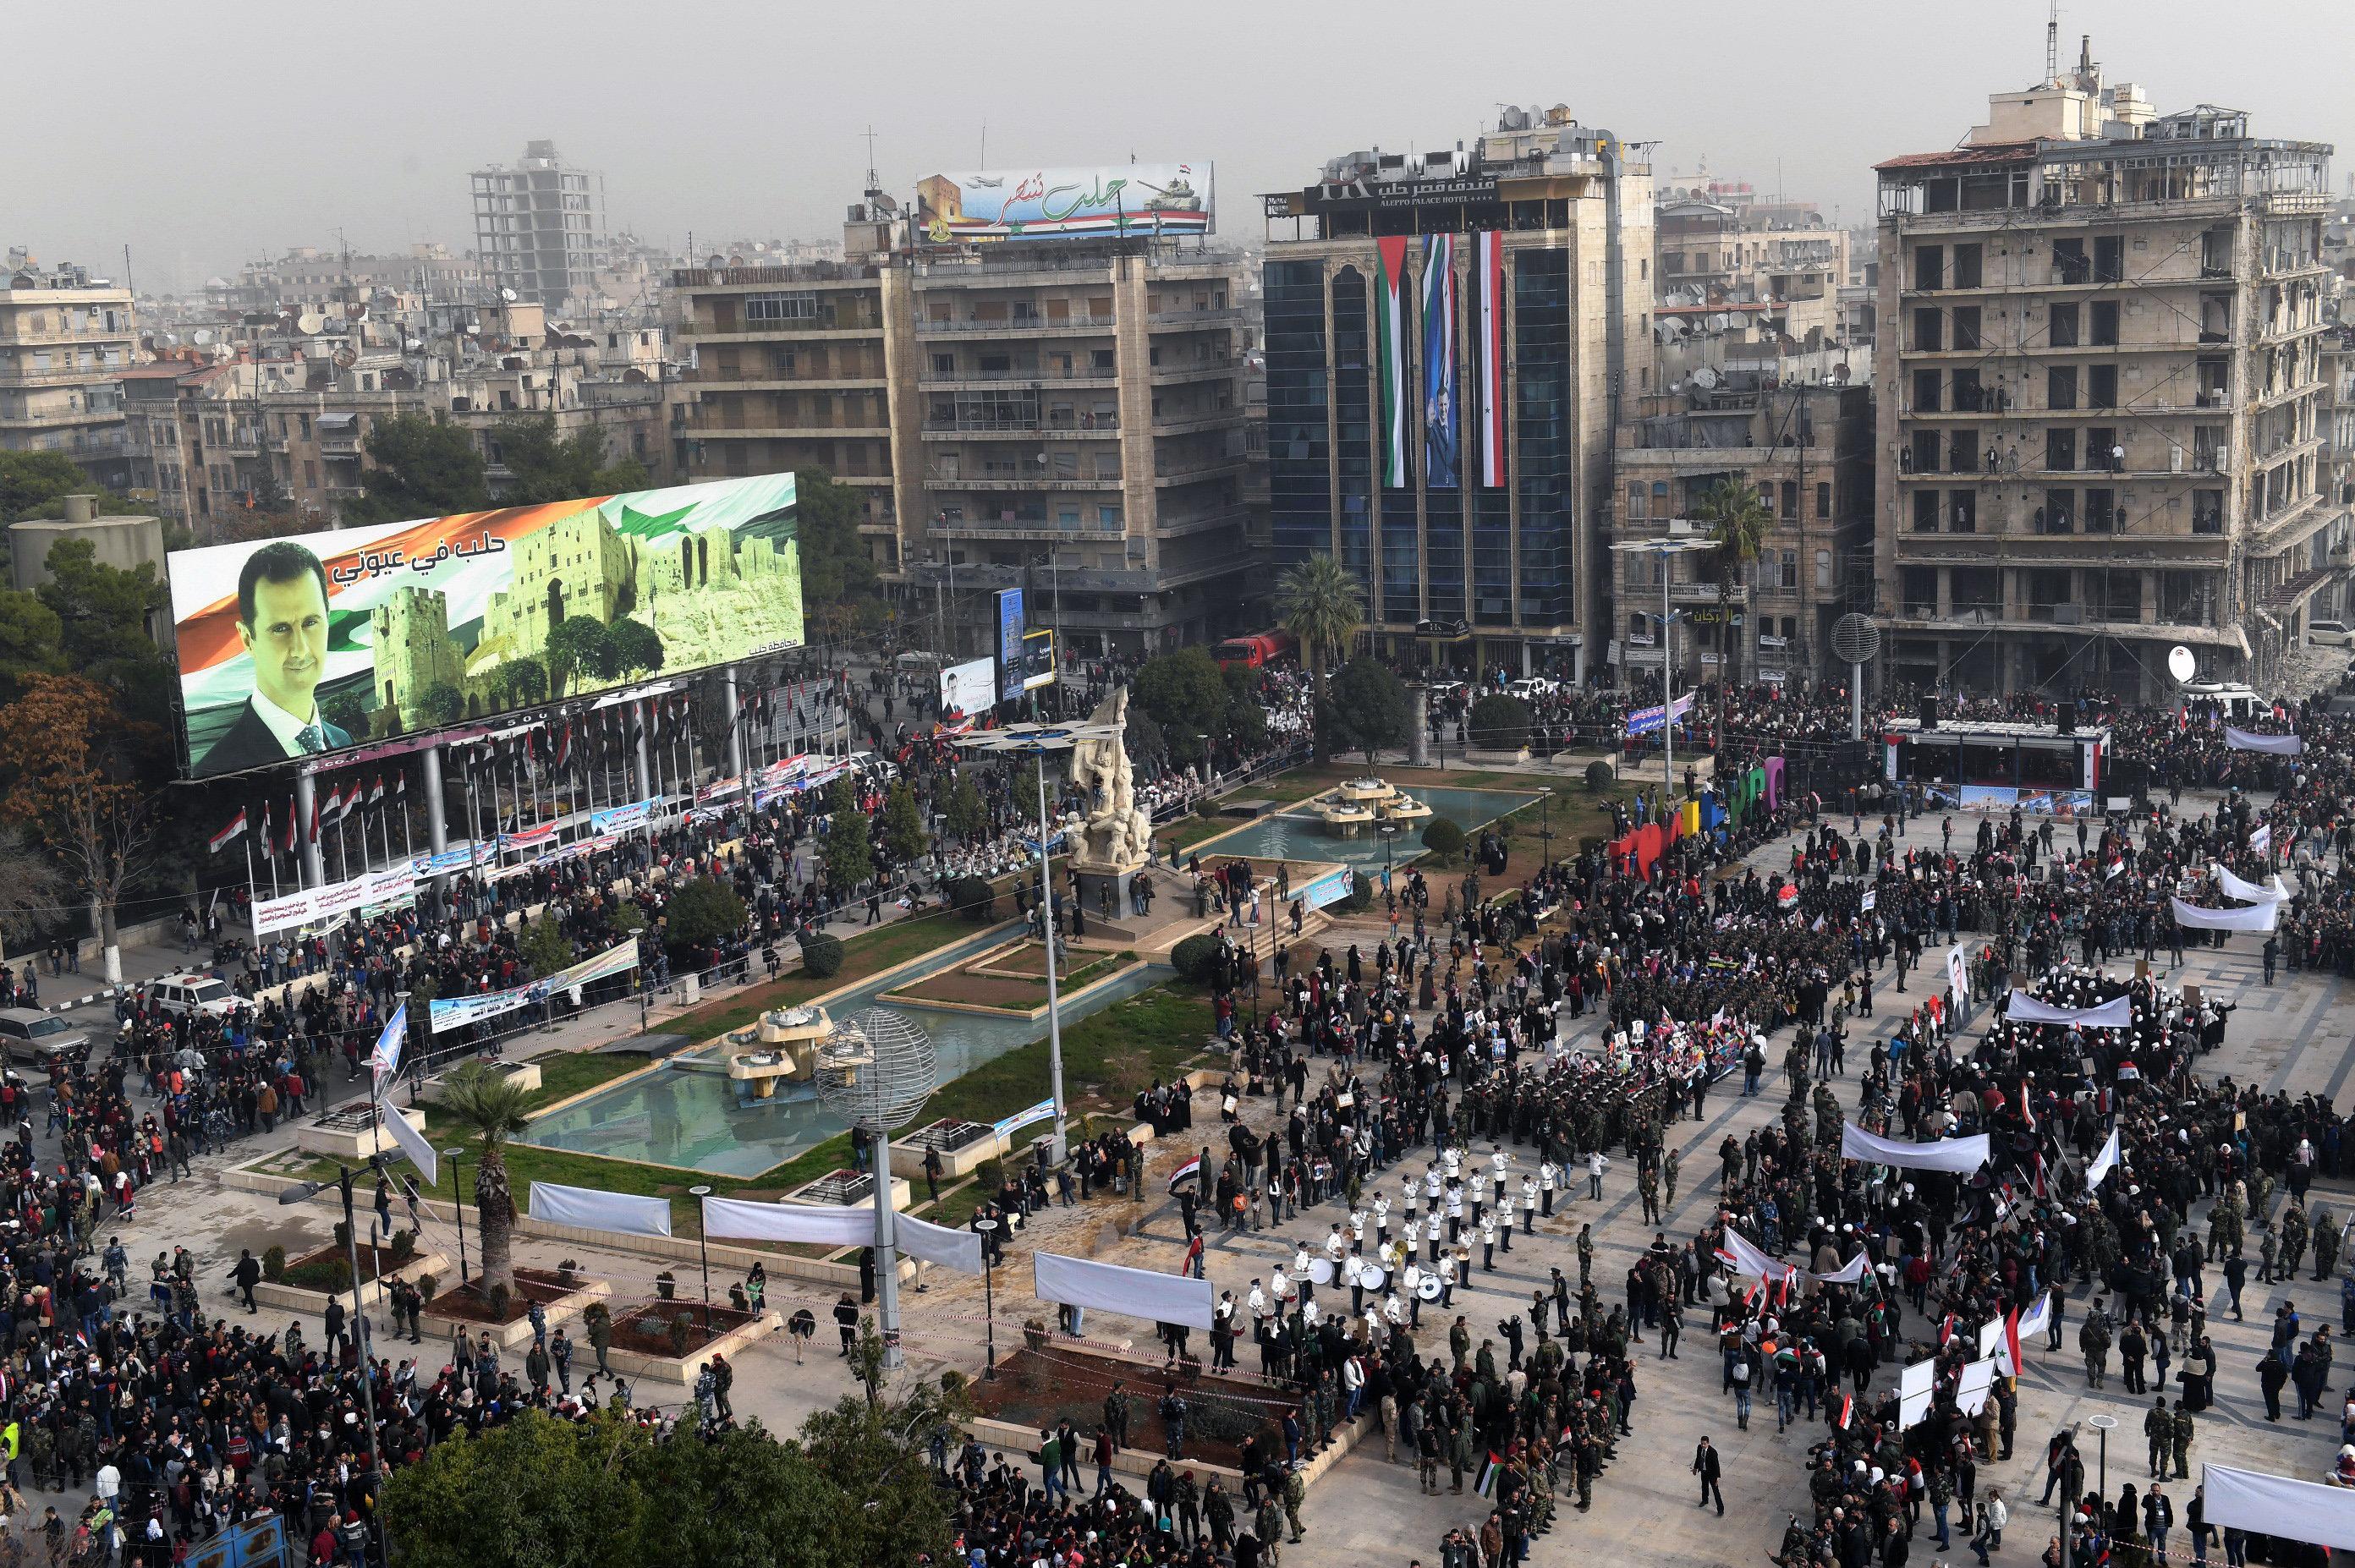 Une photo prise le 21 décembre 2017 montre une vue surélevée de la place de Saadallah al-Jabiri dans la ville syrienne d'Alep